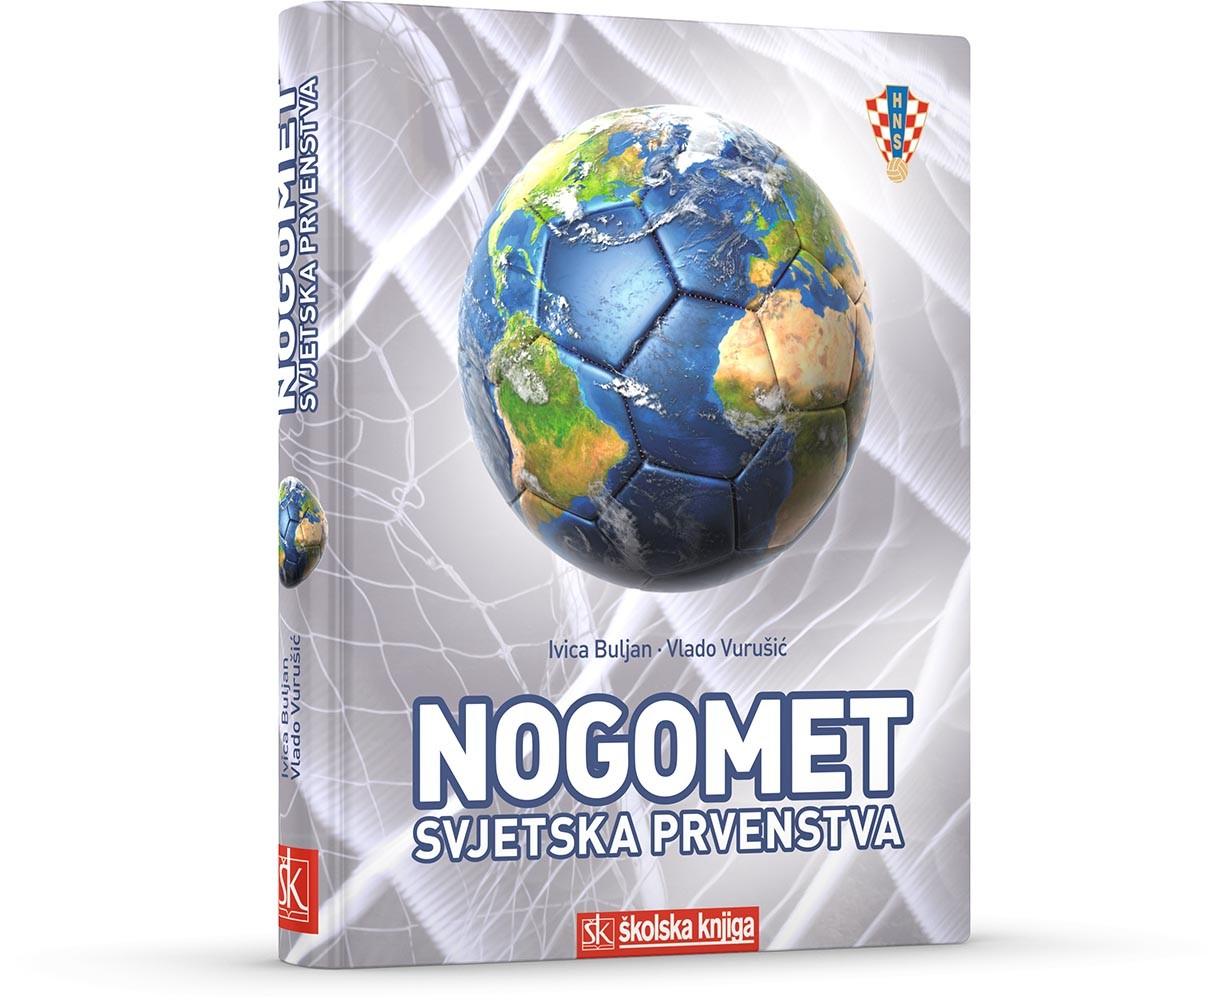 Nogomet - Svjetska prvenstva